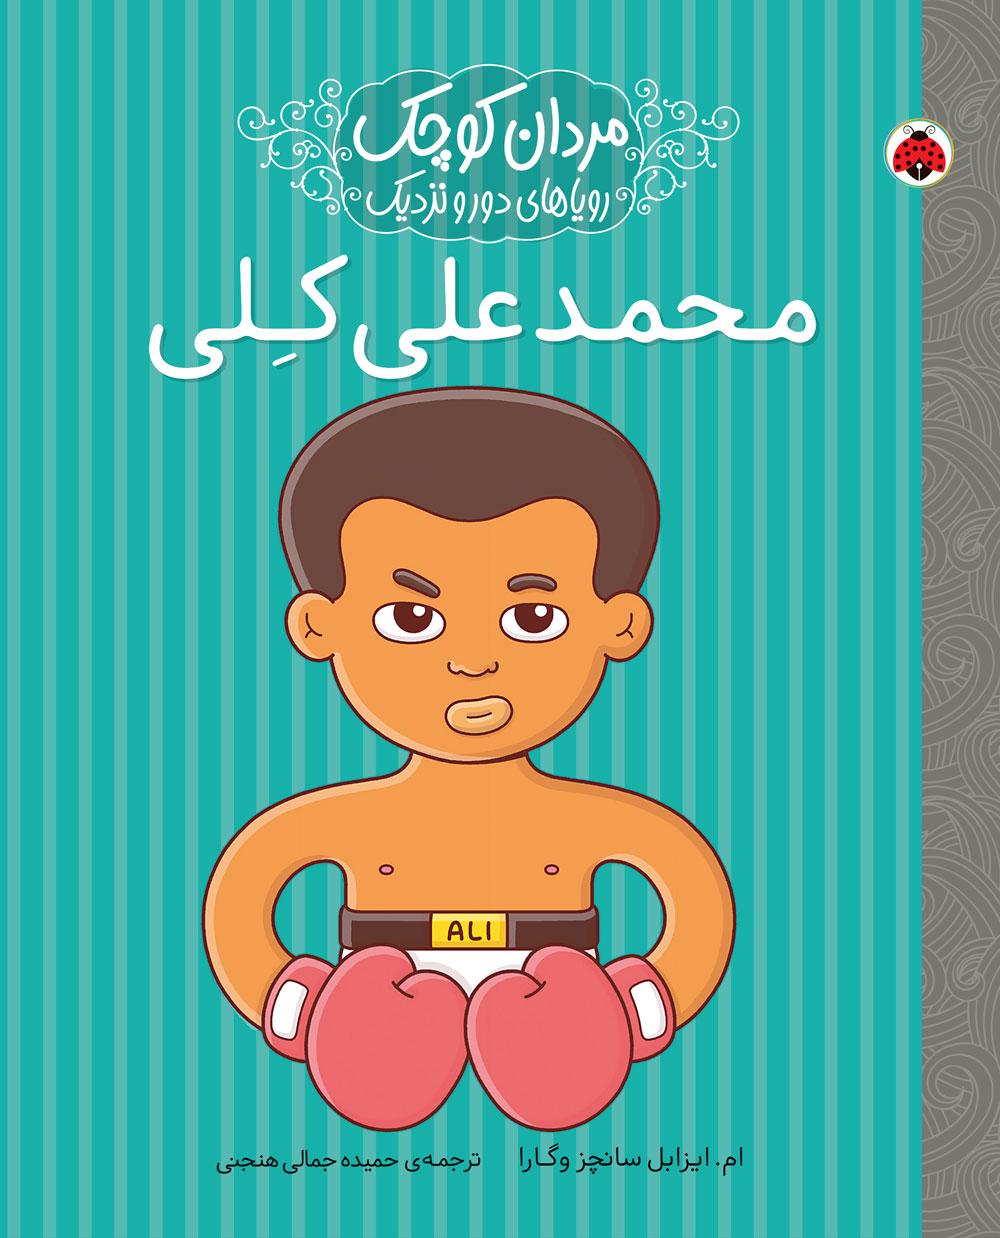 مردان كوچك روياهاي دور و دراز: محمد علي كلي